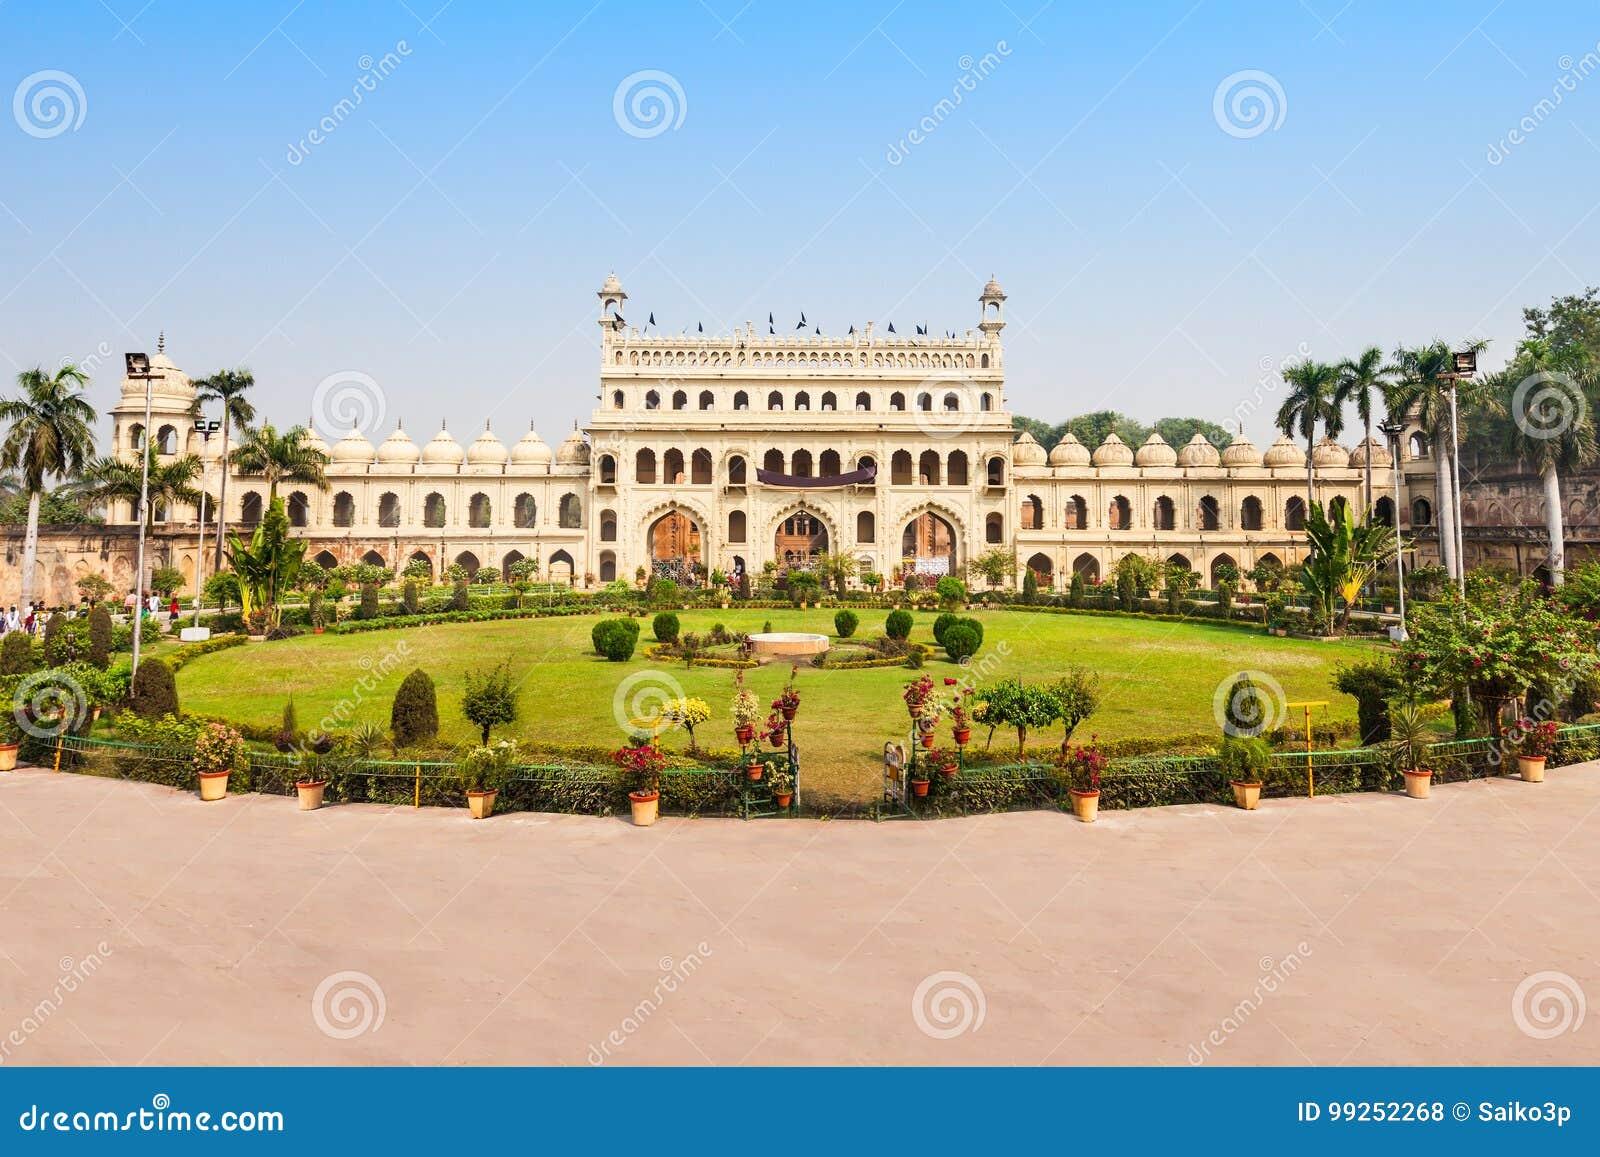 Bara Imambara, Lucknow